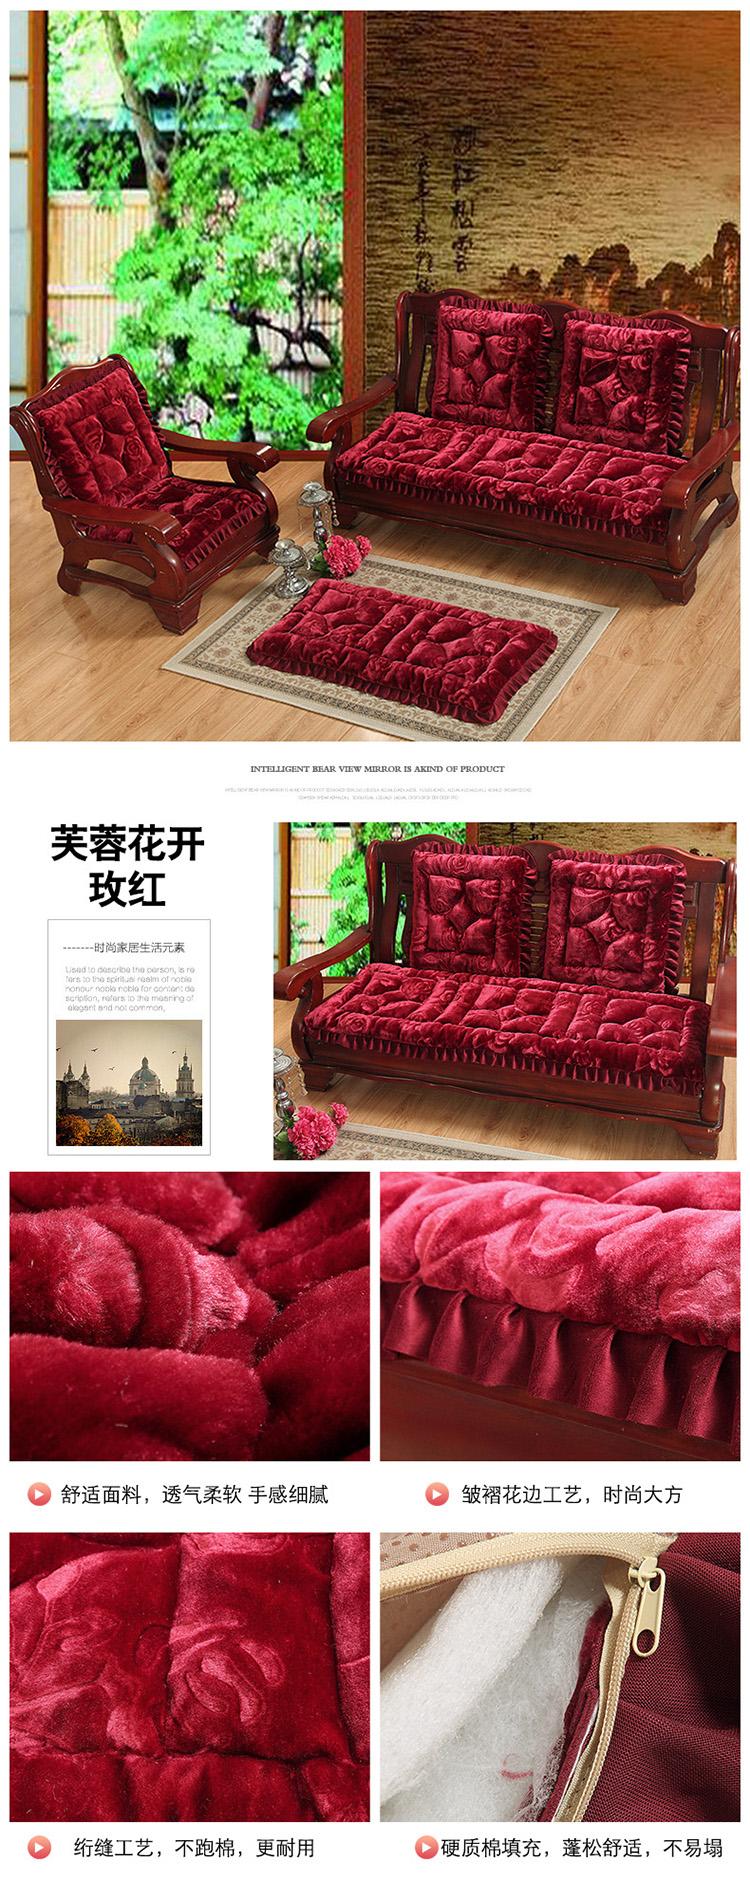 店長推薦❤加厚毛絨單人墊子三人實木沙發座墊紅木長椅墊冬季坐墊可拆洗椅墊